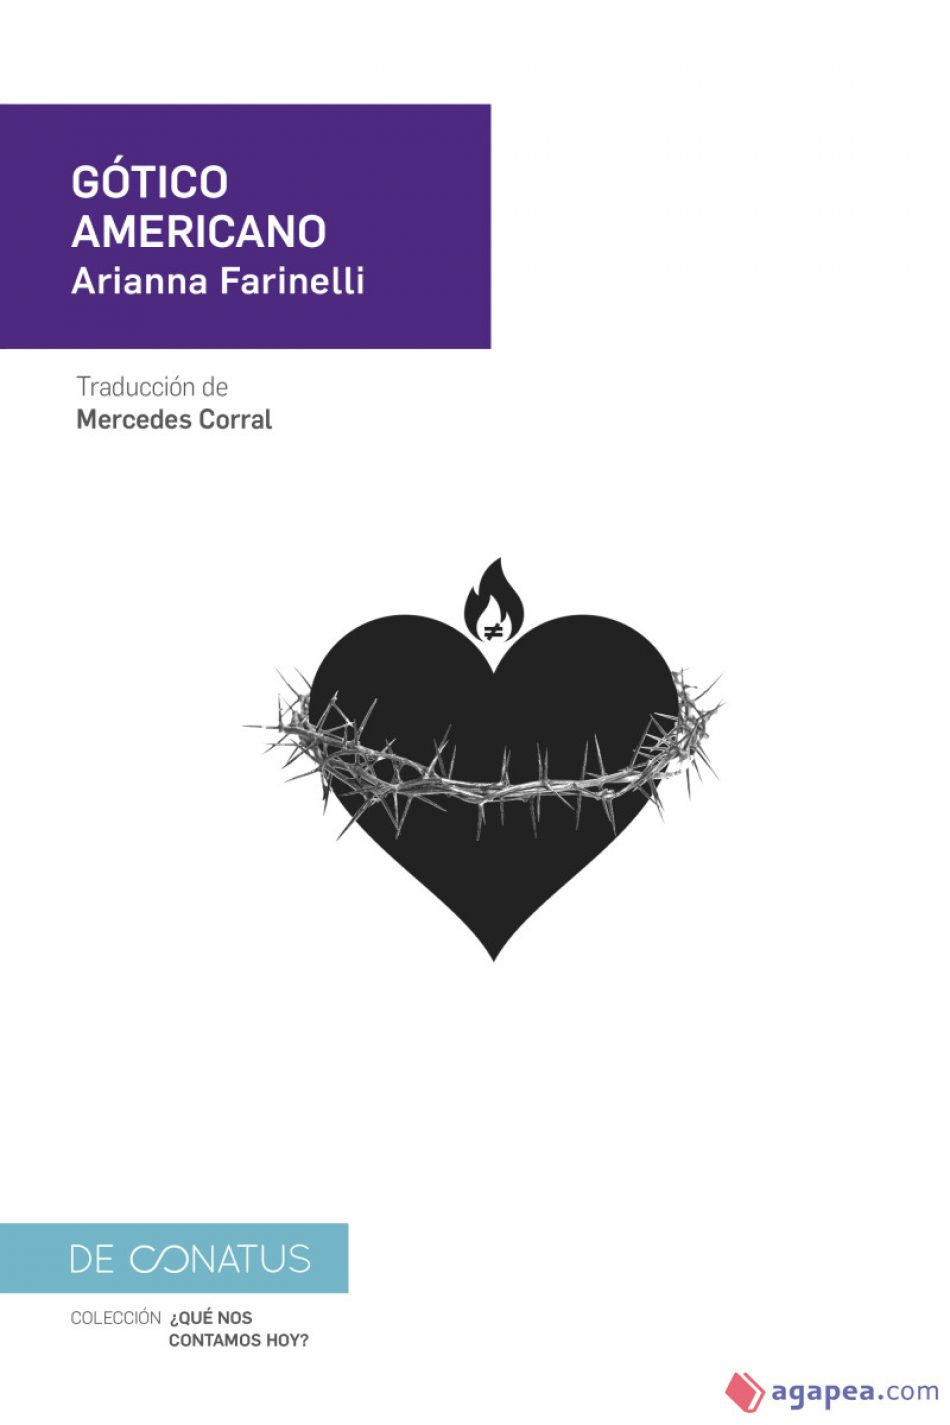 «Gótico americano», de Arianna Farinelli